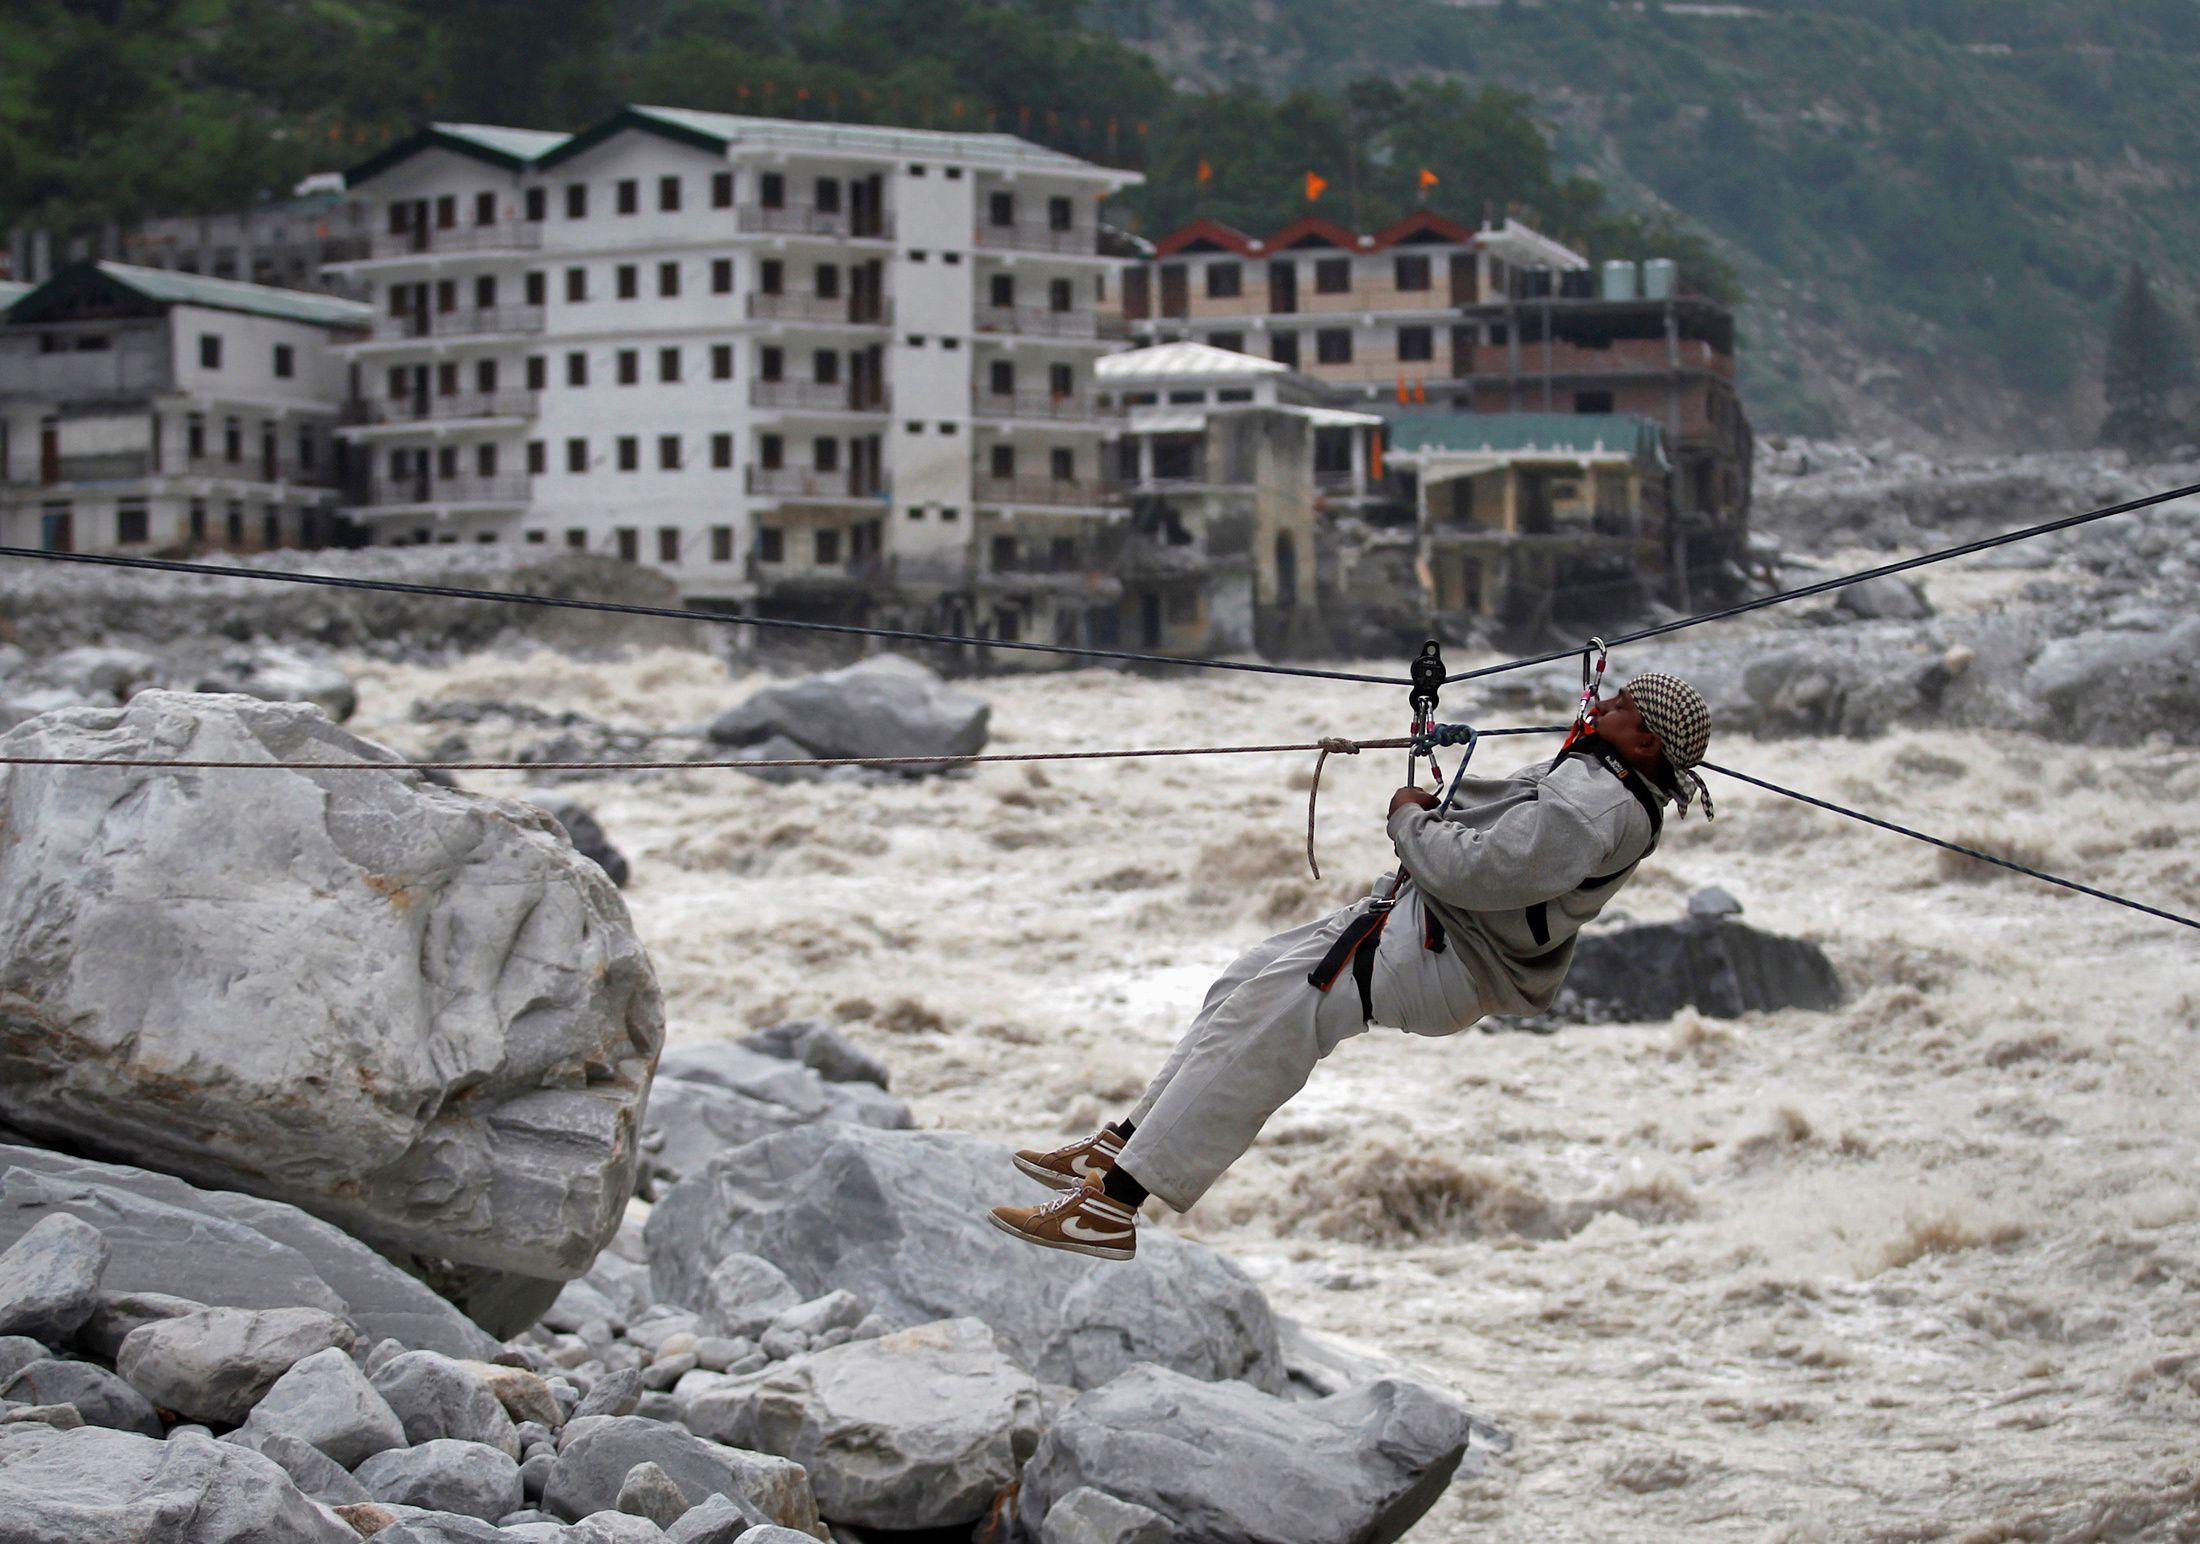 Un hombre es arrastrado a través de una cuerda para ponerse a salvo, mientras se ven los edificios dañados y el río Alaknanda en el fondo, durante una operación de rescate en Govindghat en el estado himalayo de Uttarakhand el 23 de junio de 2013.